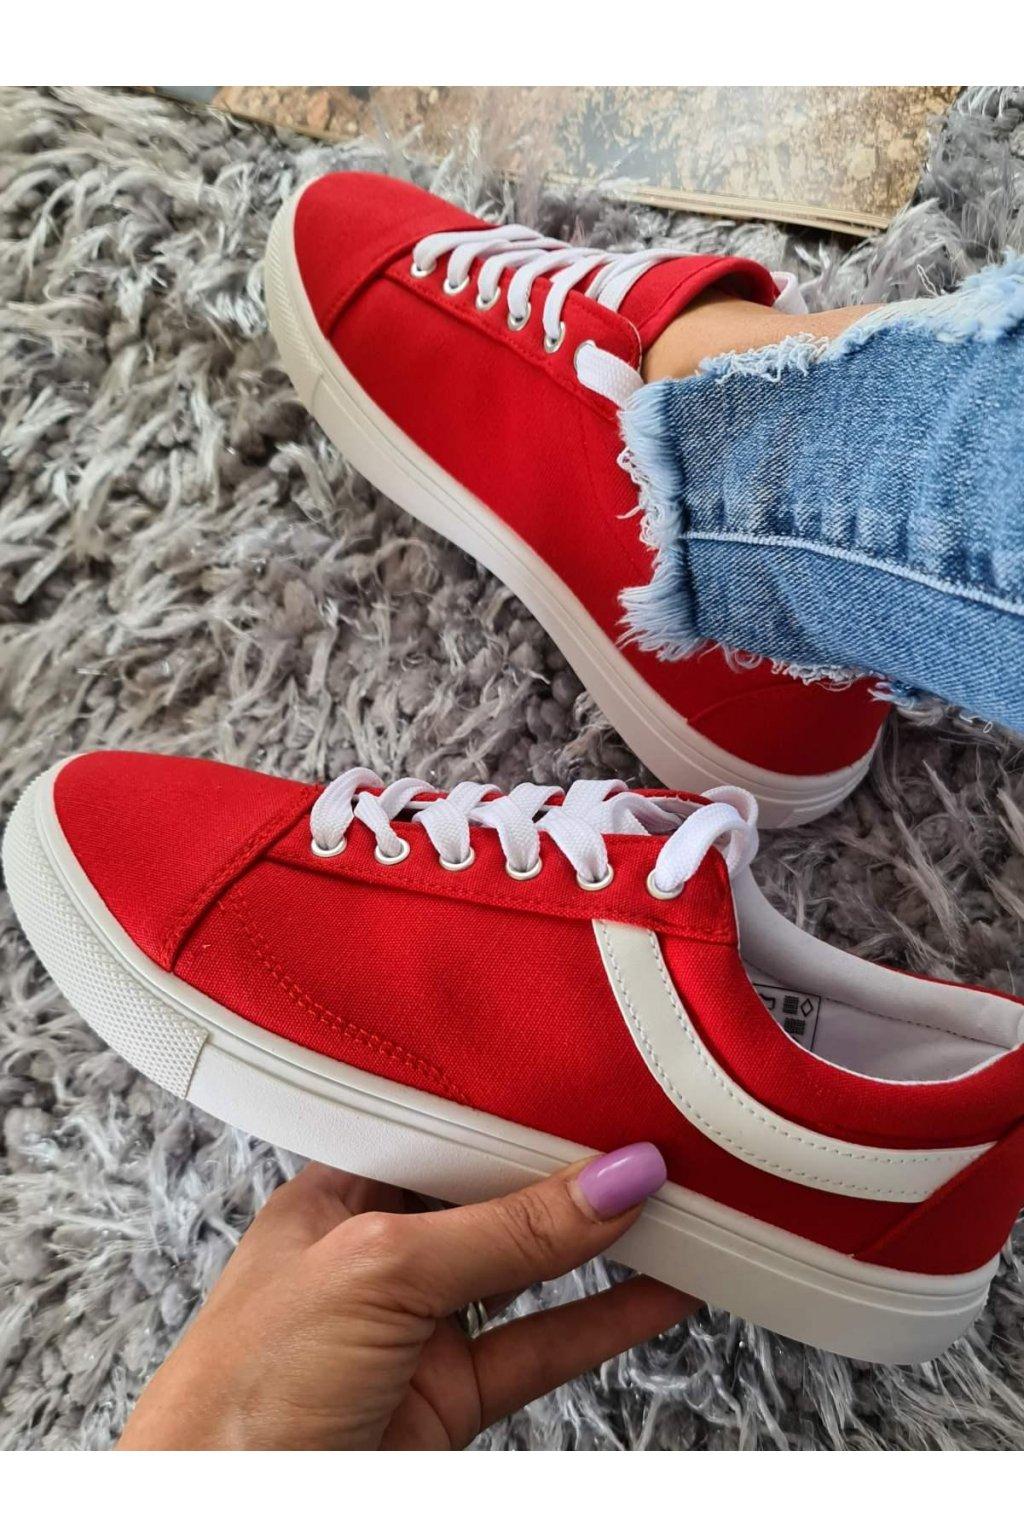 tenisky Sindy červené plátěné trendy